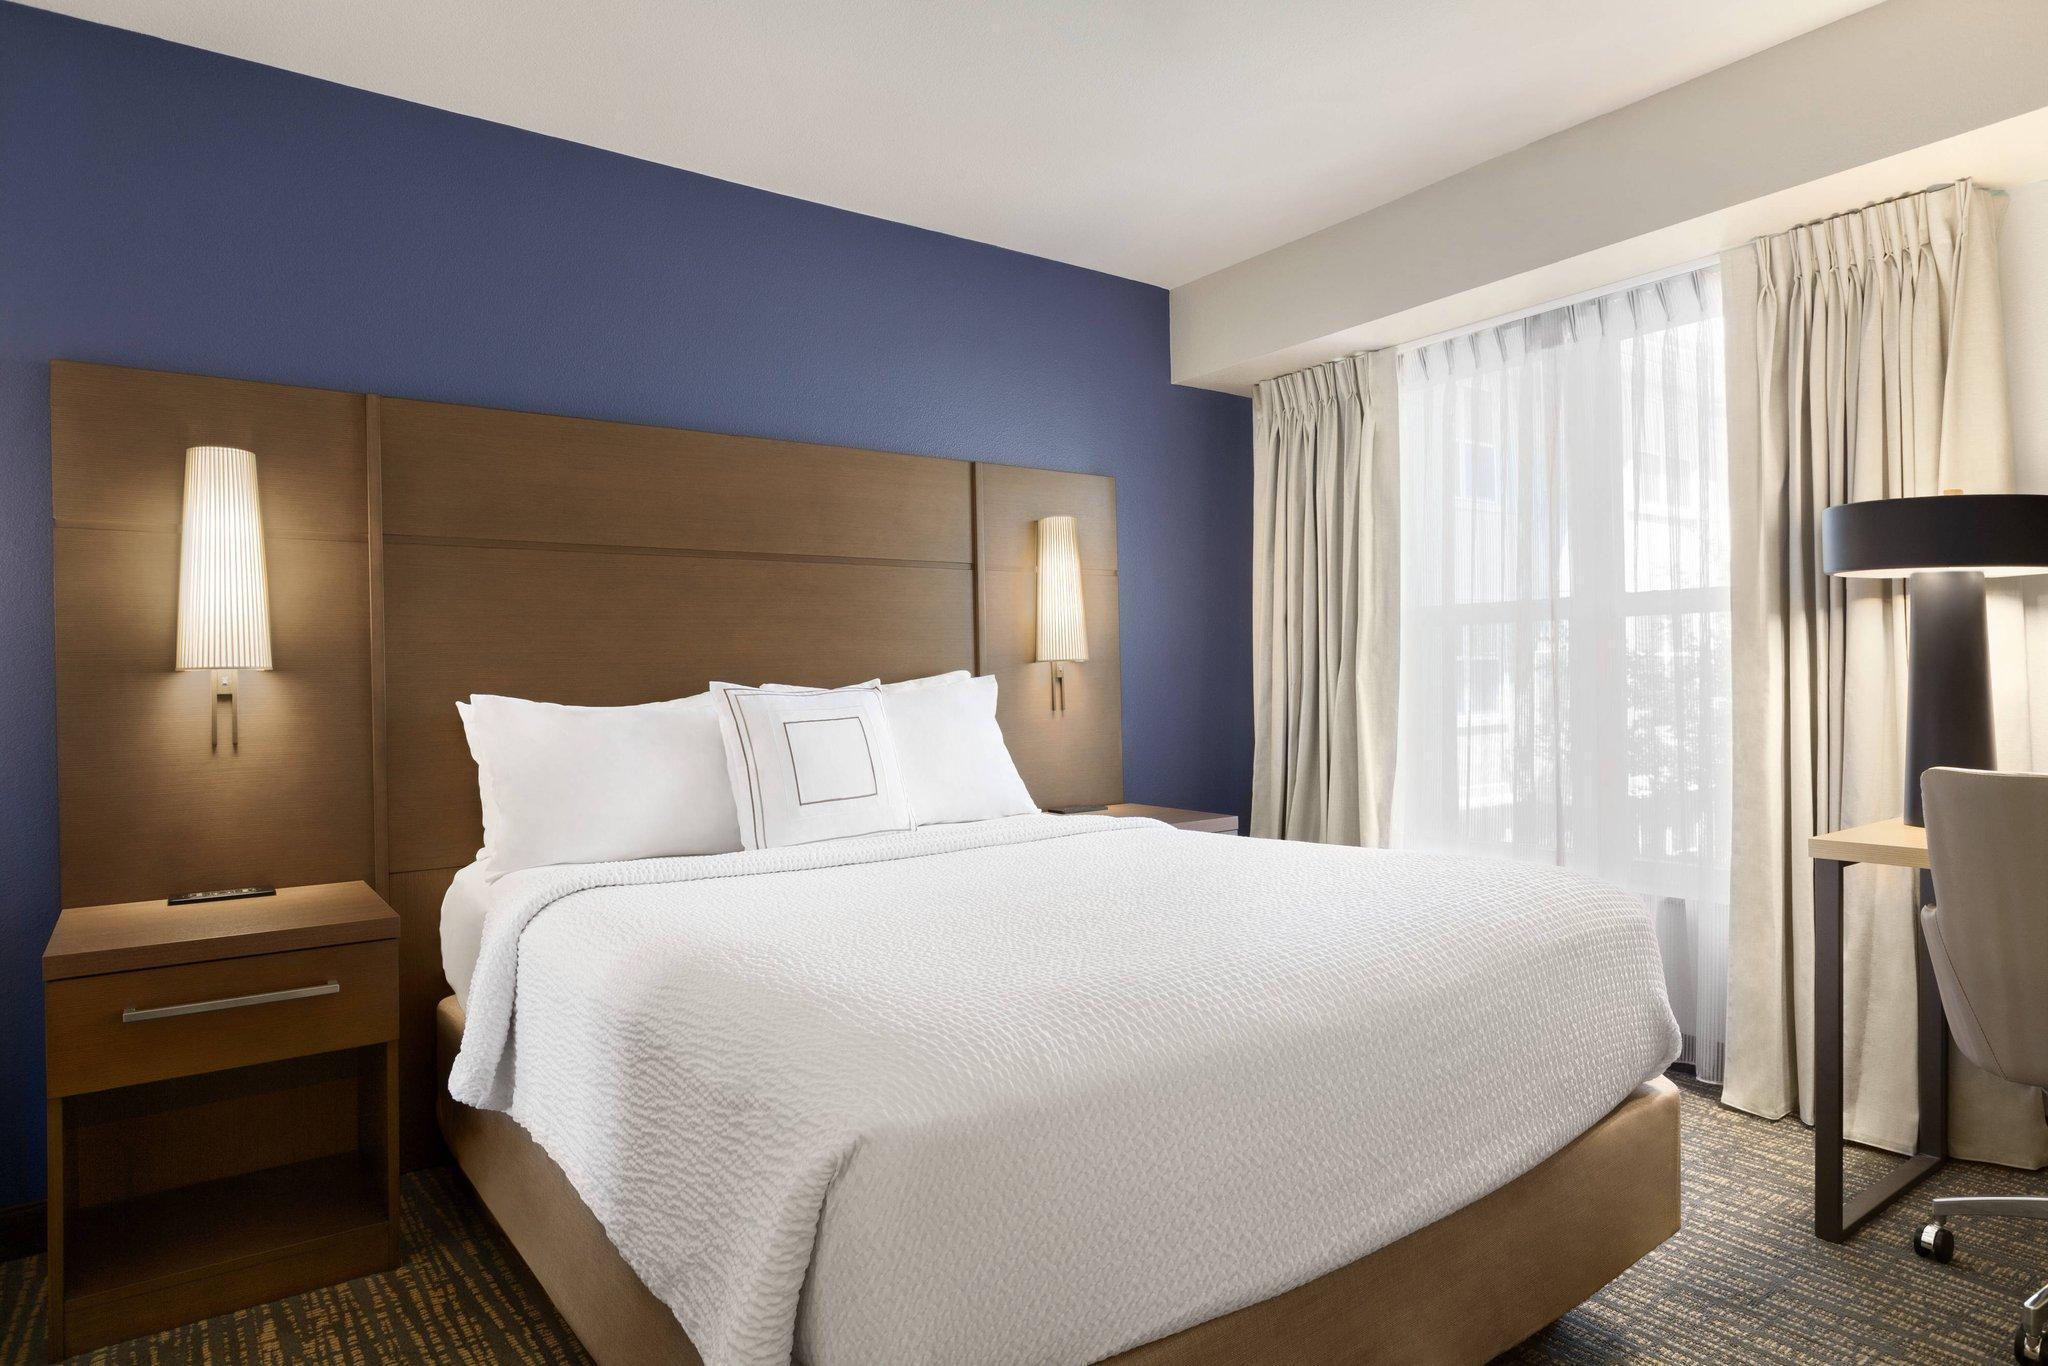 2 Bedroom Suite, Bedroom 1:  1 King, Bedroom 2:  1 Queen